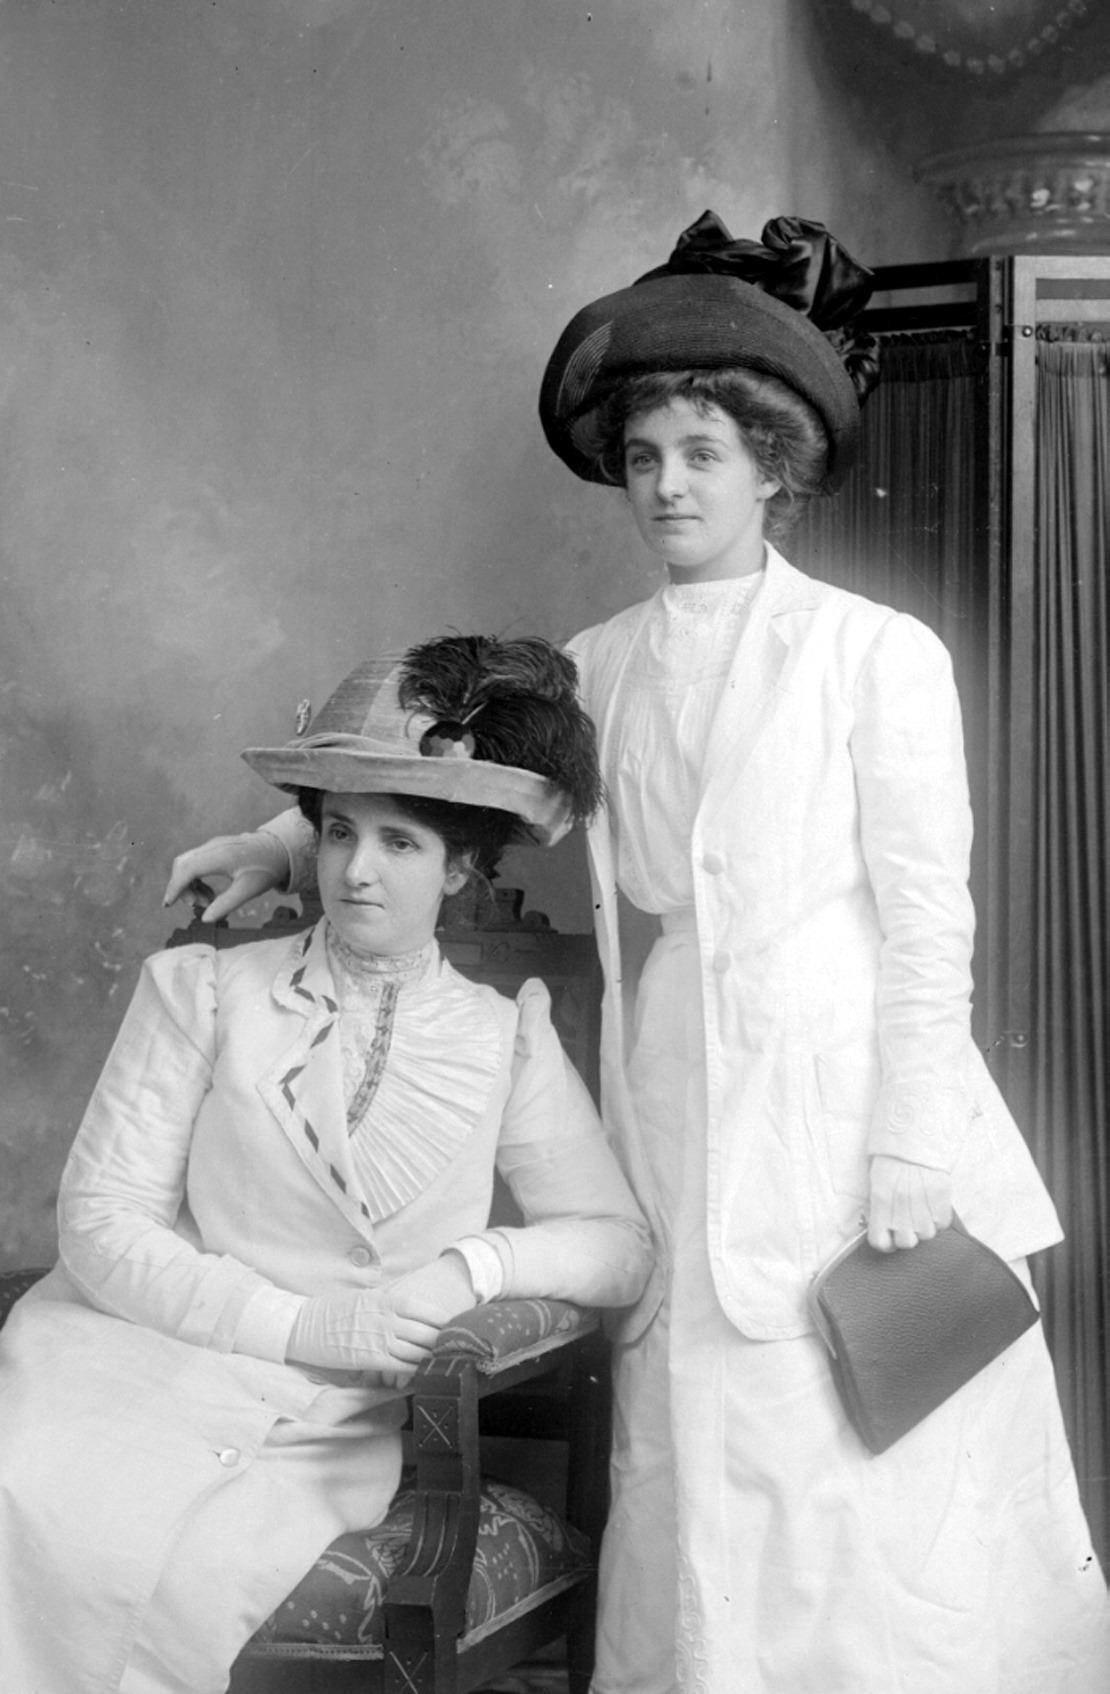 Photographie en noir et blanc de deux élégantes femmes dont les vêtements, les gants y compris, sont blancs ou très pâles.